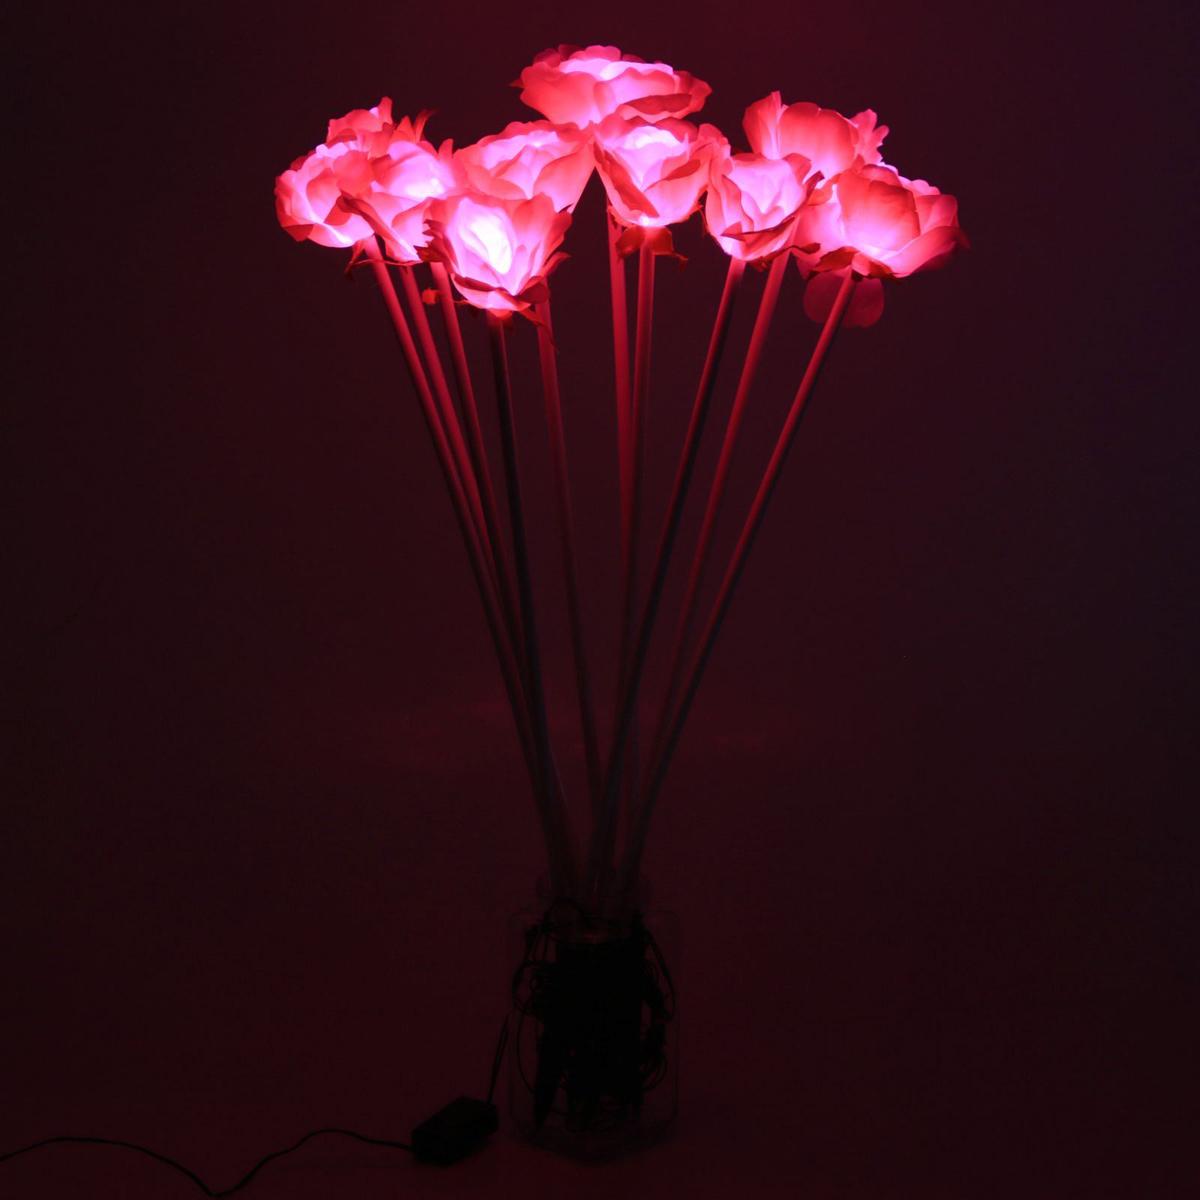 Светодиодная гирлянда Sima-land Розы, уличная, 10 ламп, 70 см, цвет: розовый2357399Светодиодные гирлянды, ленты и т.д — это отличный вариант для новогоднего оформления интерьера или фасада. С их помощью помещение любого размера можно превратить в праздничный зал, а внешние элементы зданий, украшенные ими, мгновенно станут напоминать очертания сказочного дворца. Такие украшения создают ауру предвкушения чуда. Деревья, фасады, витрины, окна и арки будто специально созданы, чтобы вы украсили их светящимися нитями.